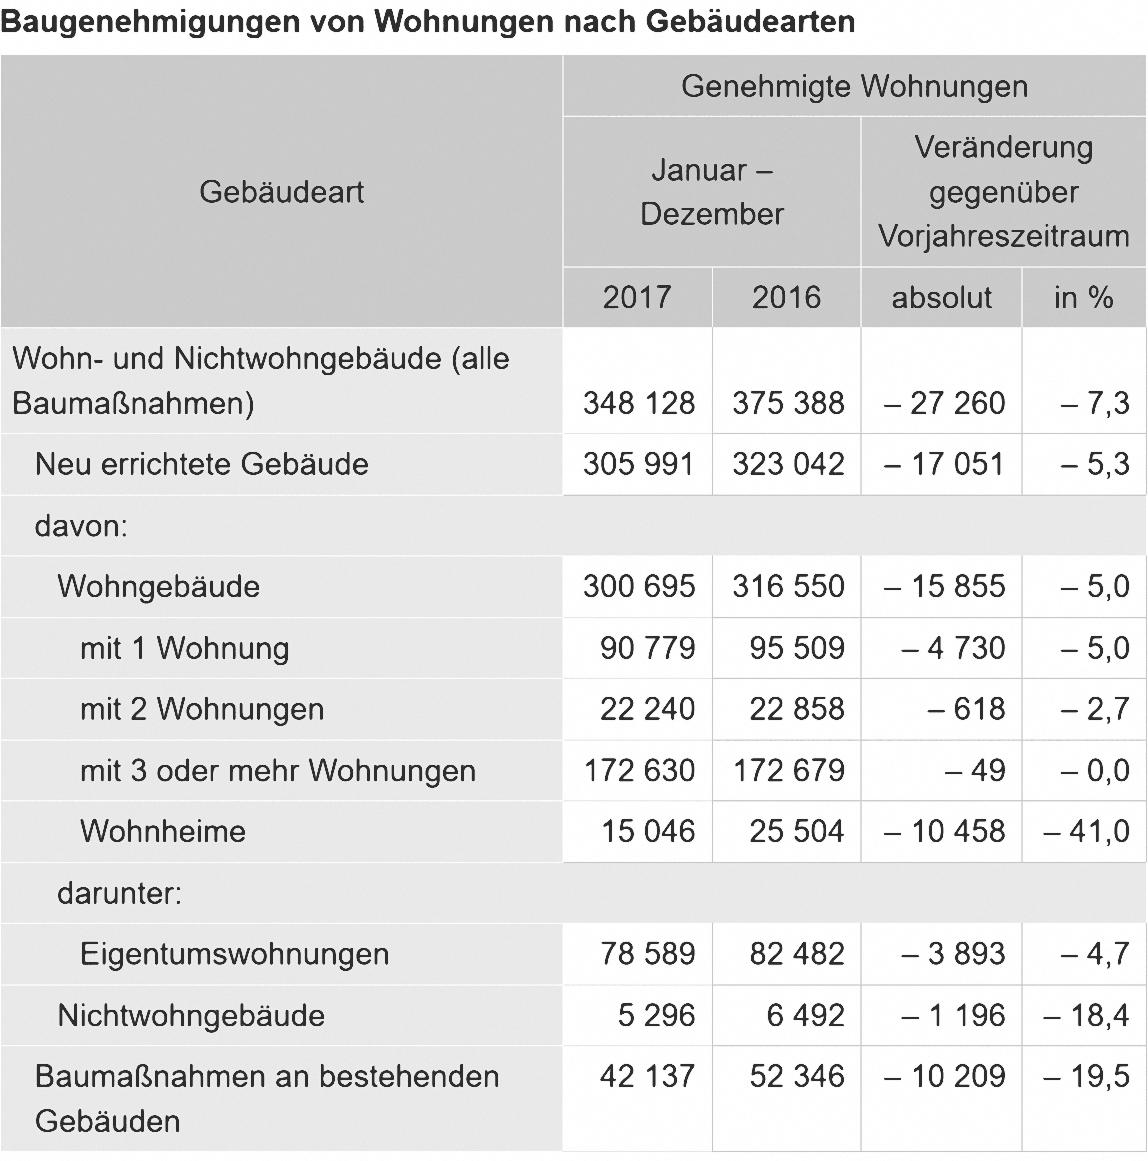 Zahl der Baugenehmigungen für Wohnungen 2017 gesunken